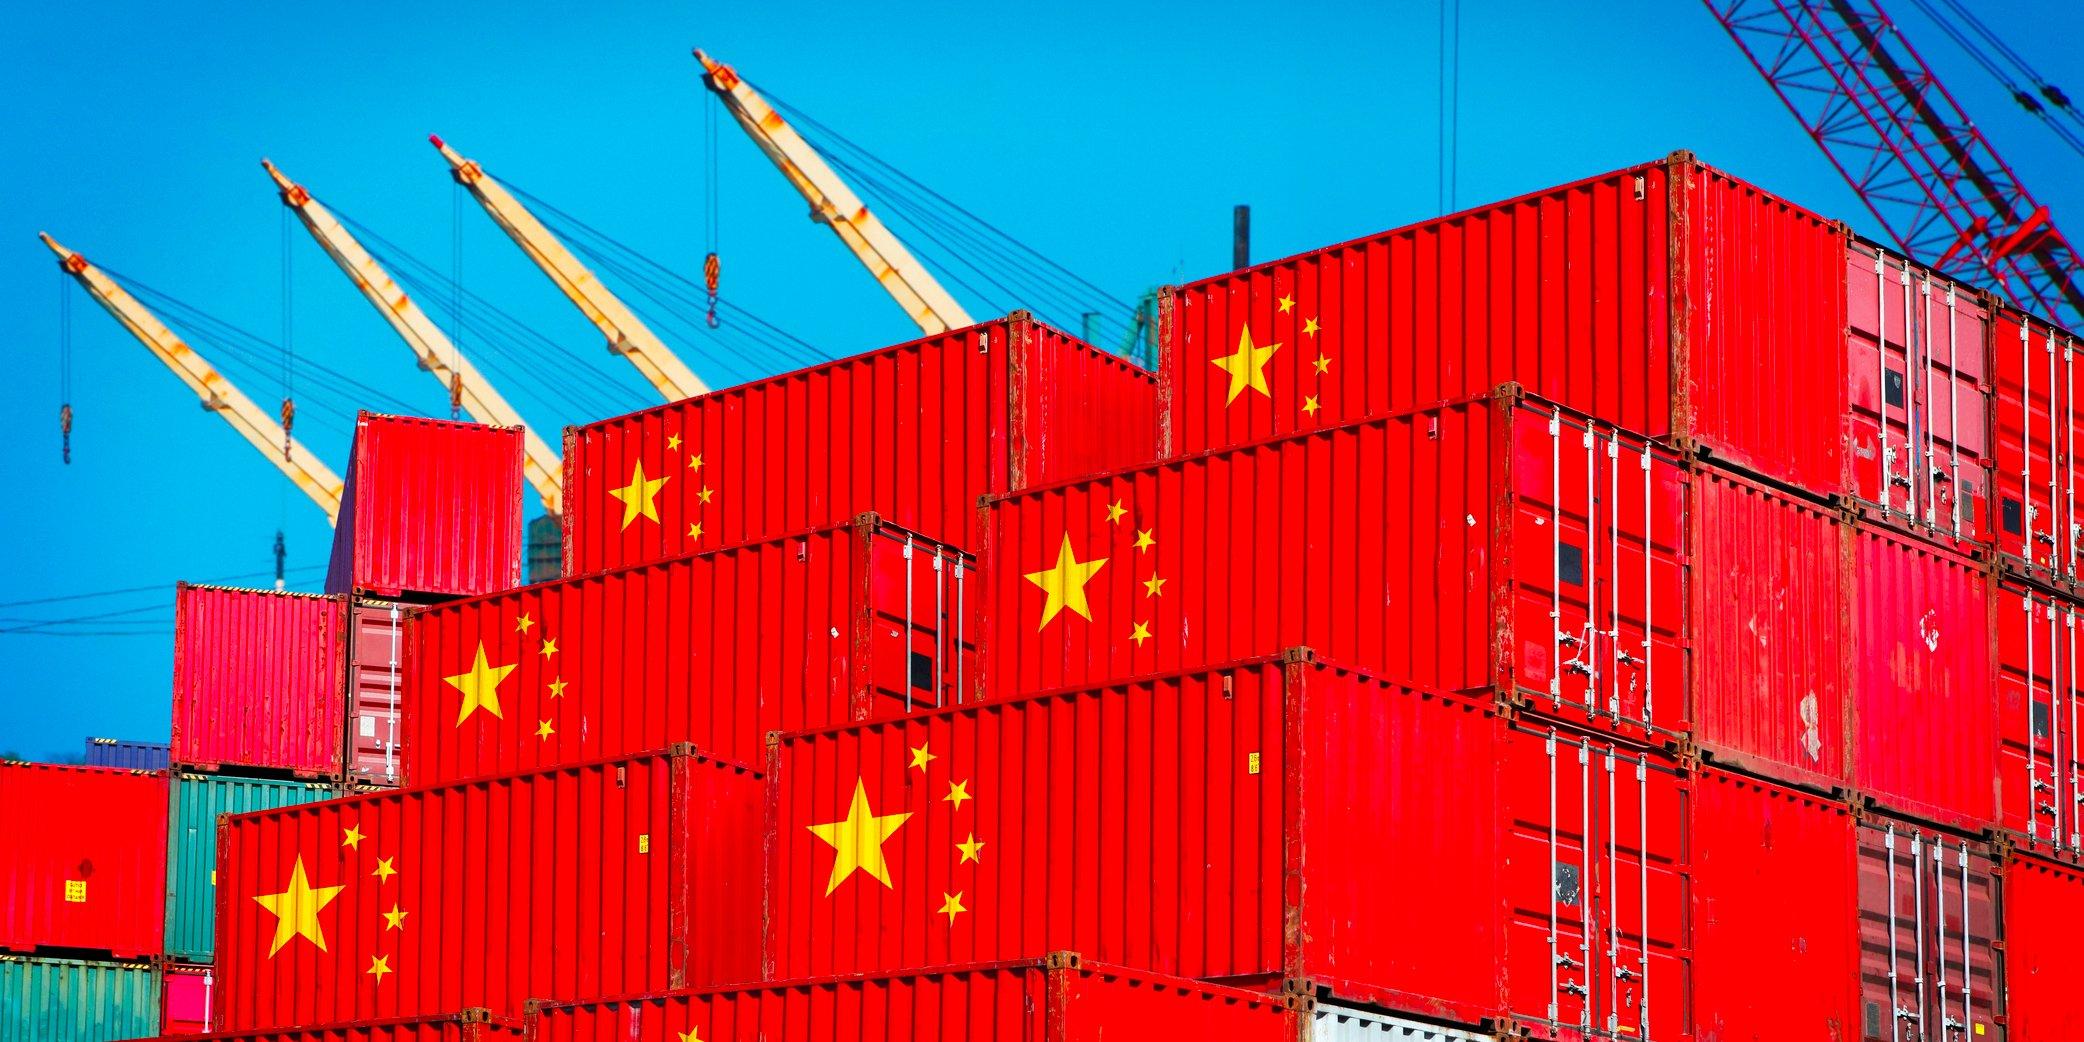 Итоги внешней торговли КНР в первой половине 2020 г. превзошли ожидания